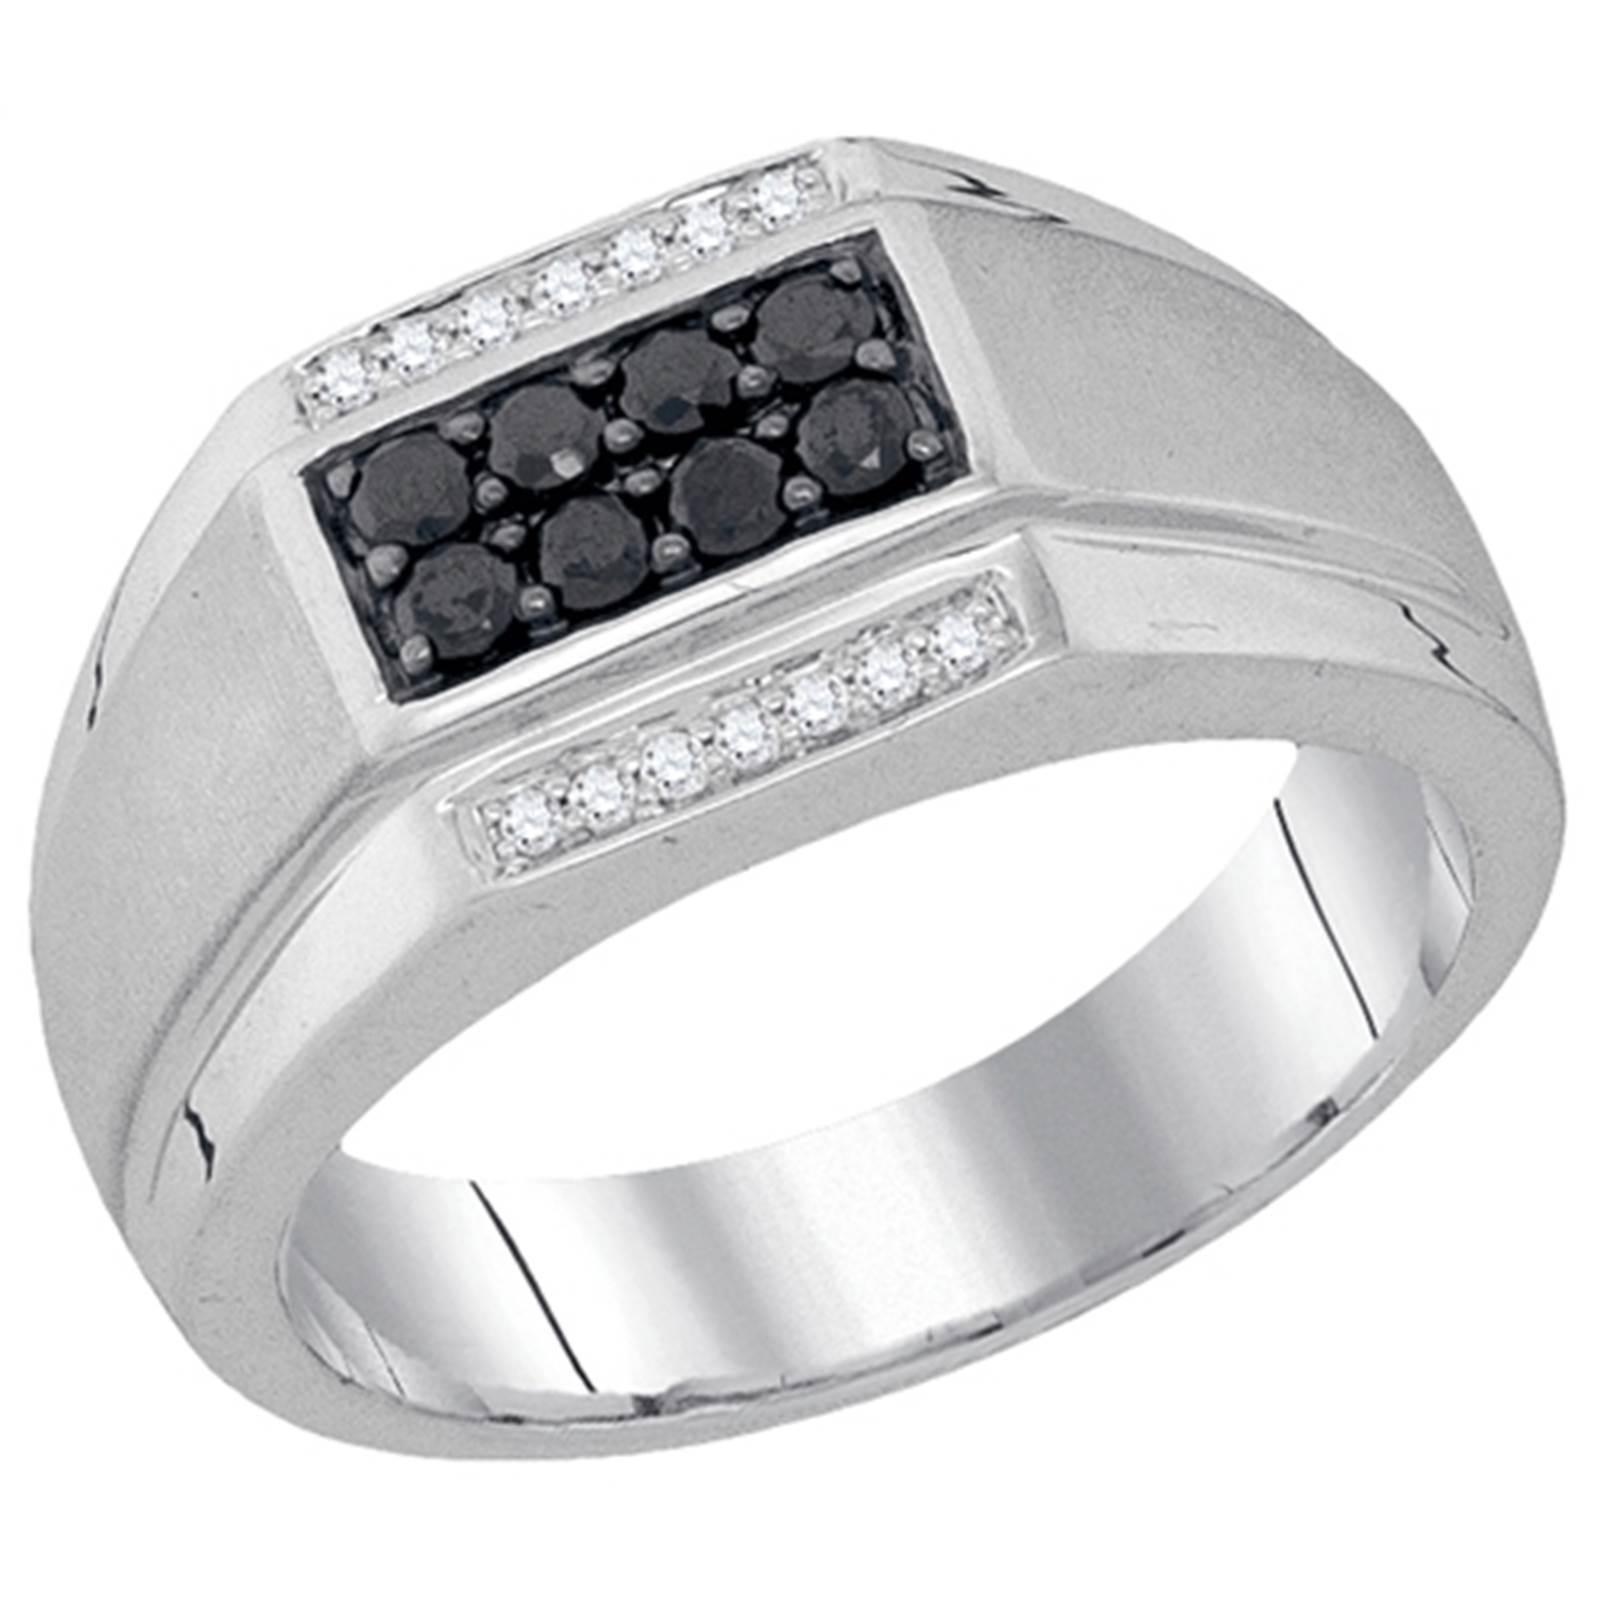 Mens 10k White Gold Black Diamond Engagement Wedding Ring